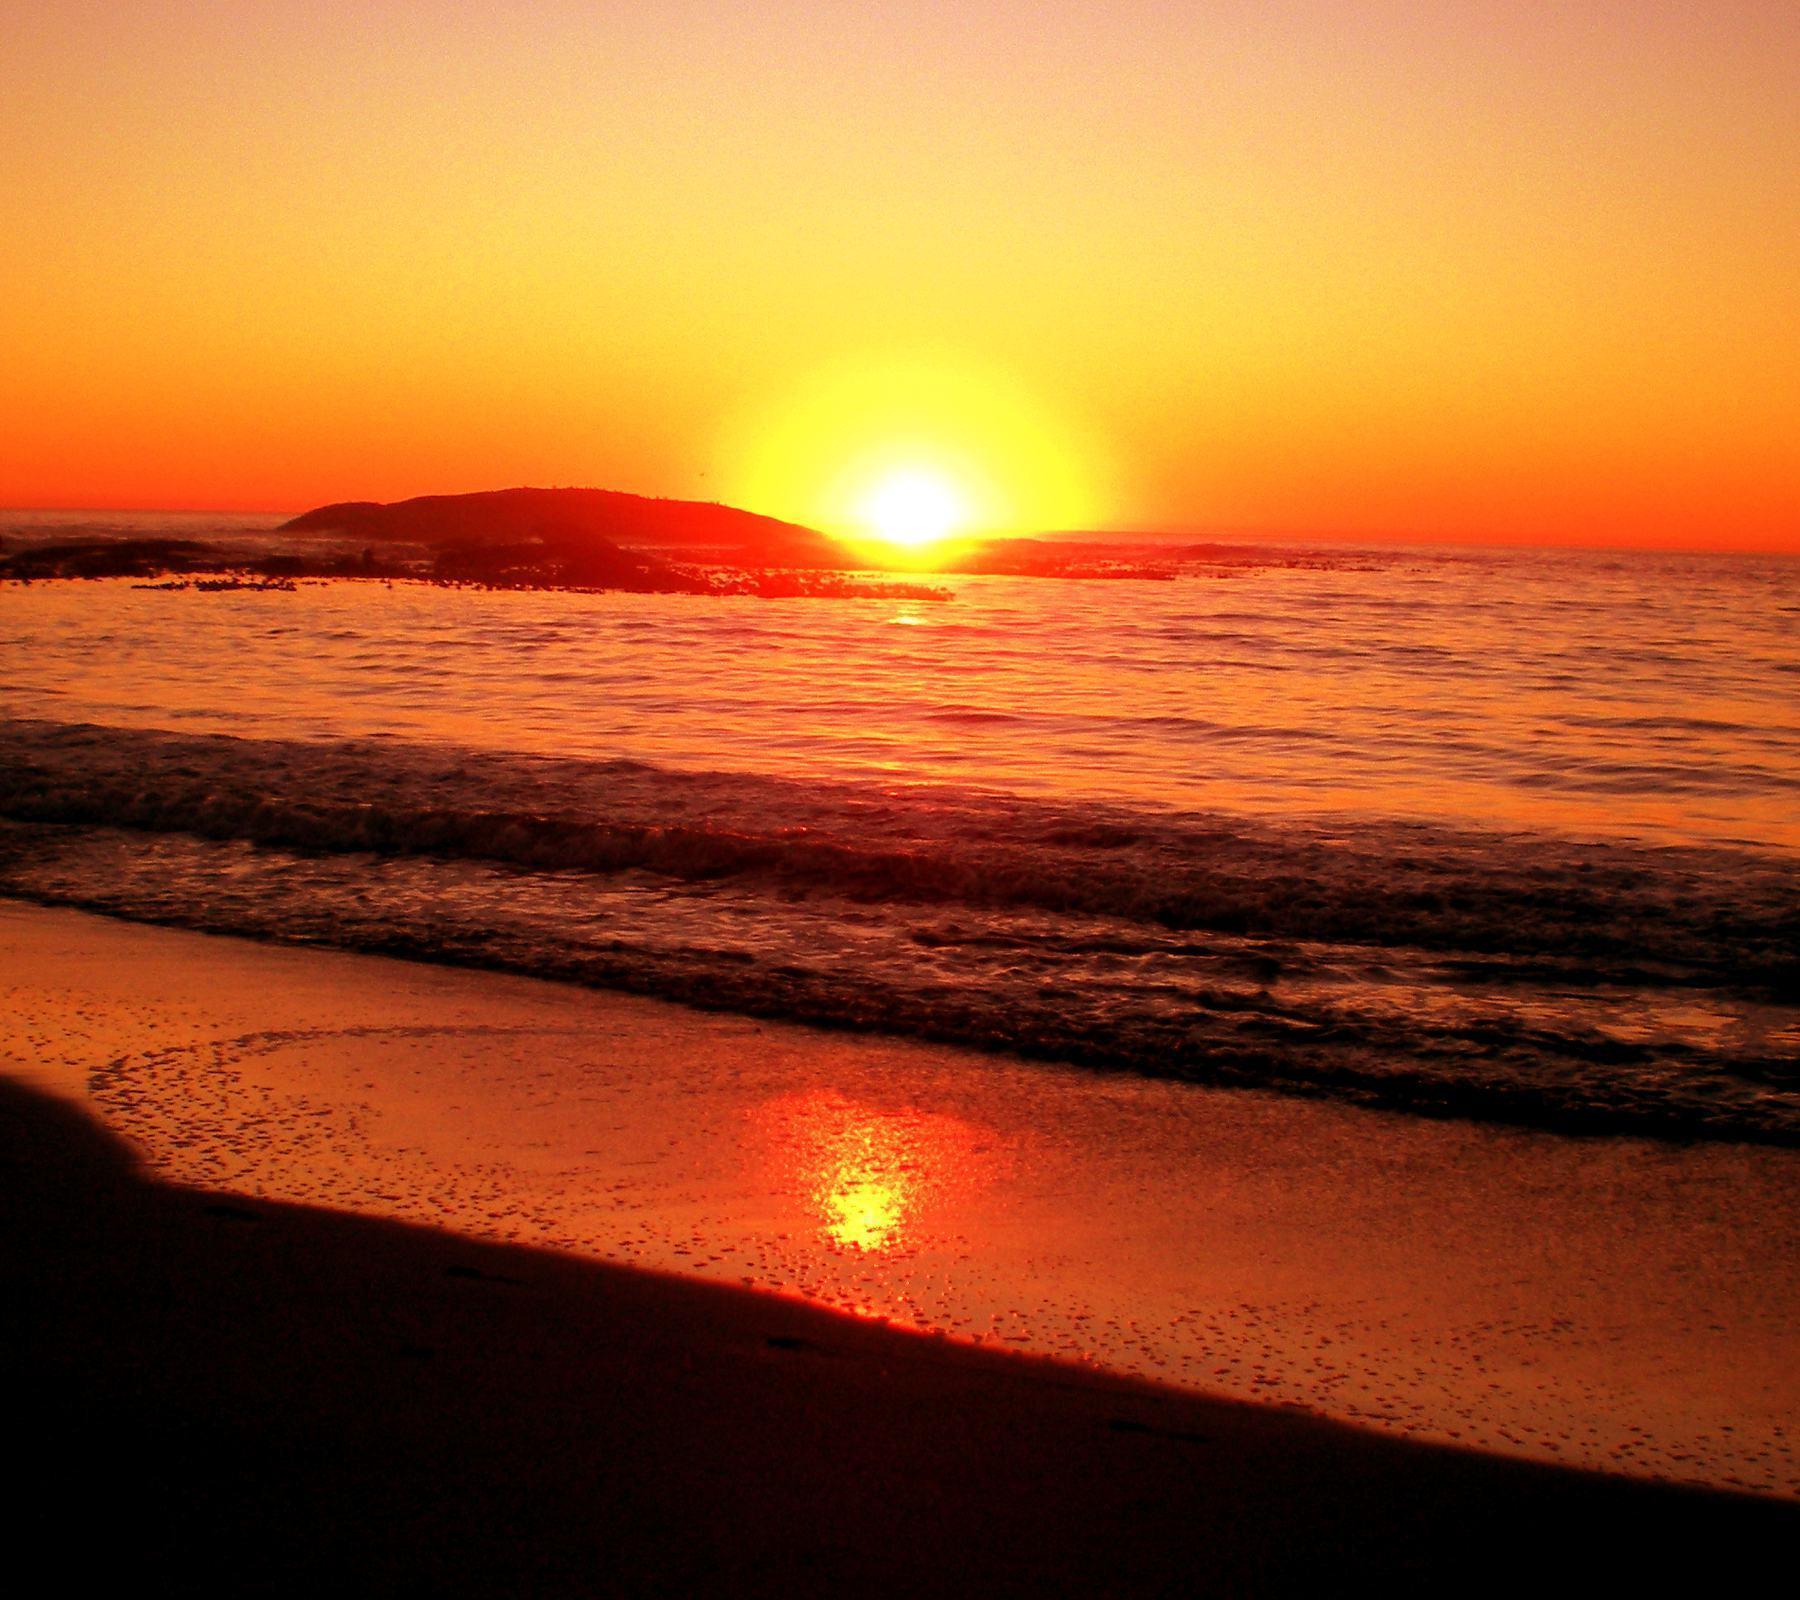 Beach Sunset Backgrounds